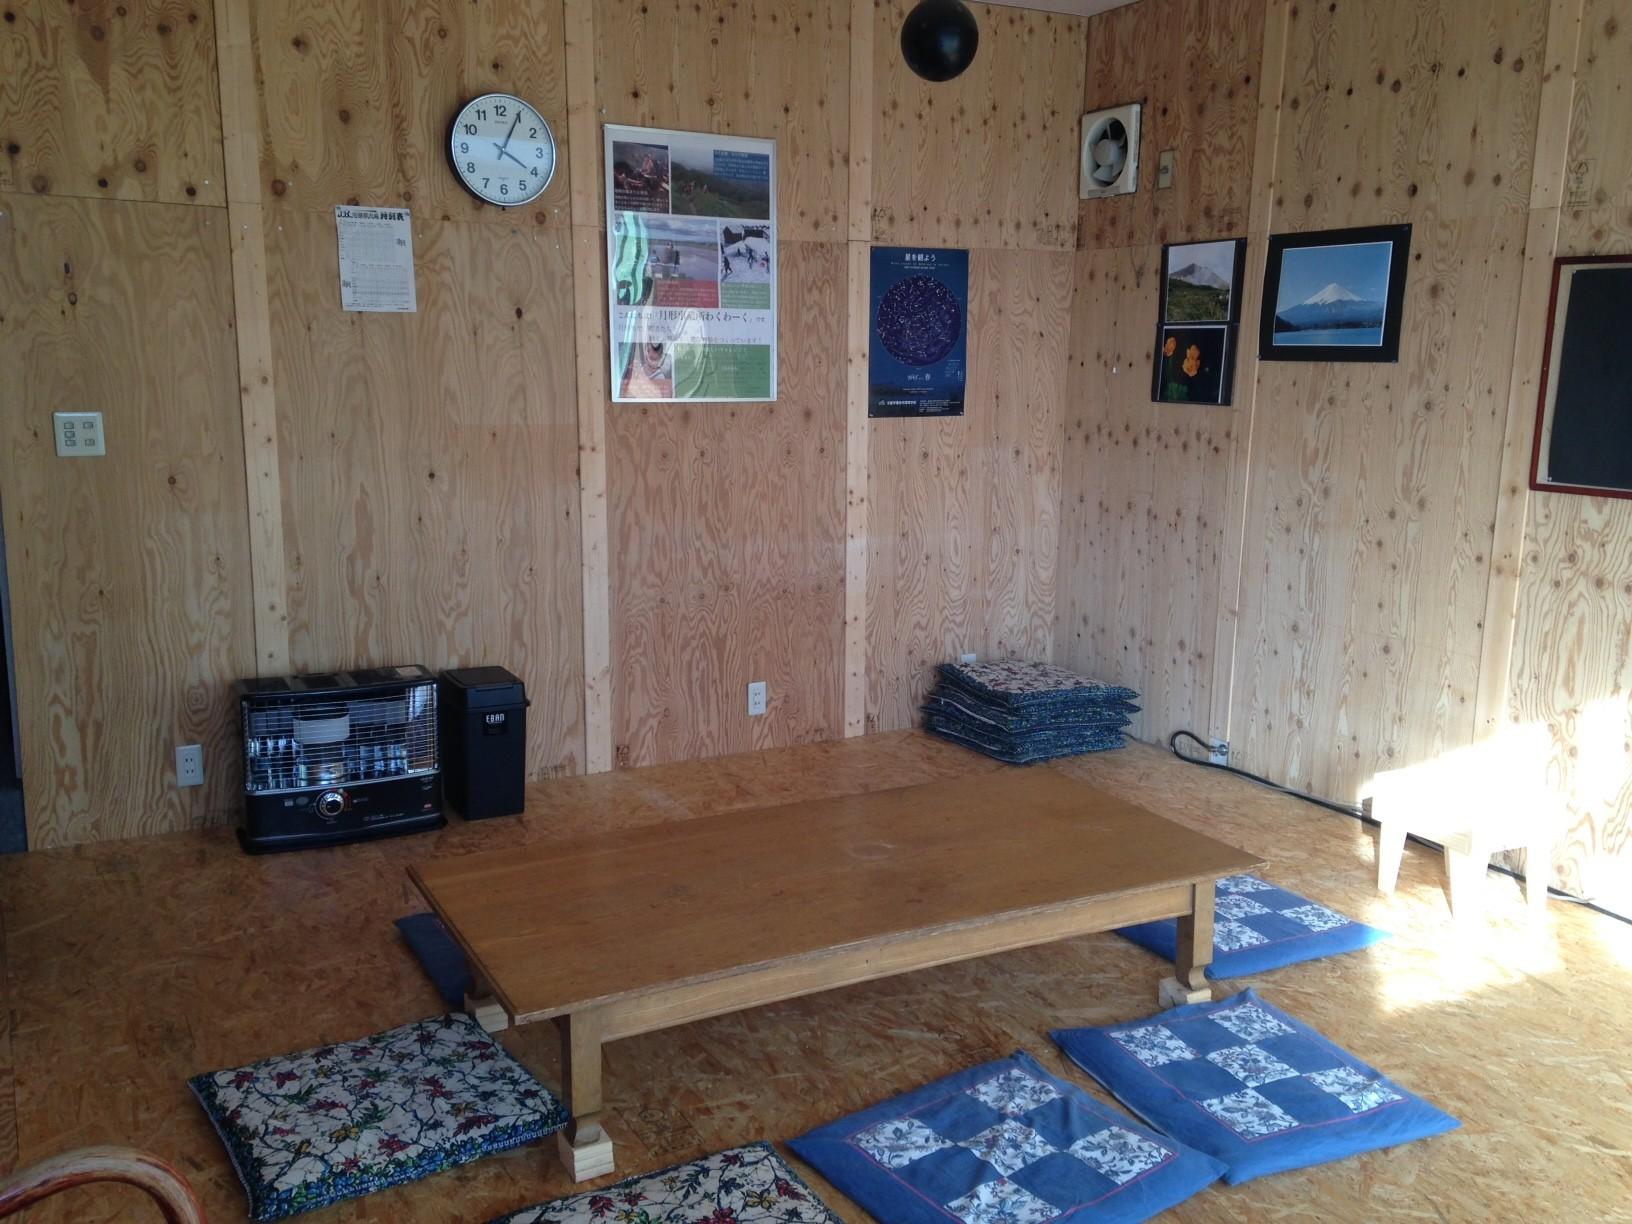 茶の間 事務所1階の居場所施設(要予約です)